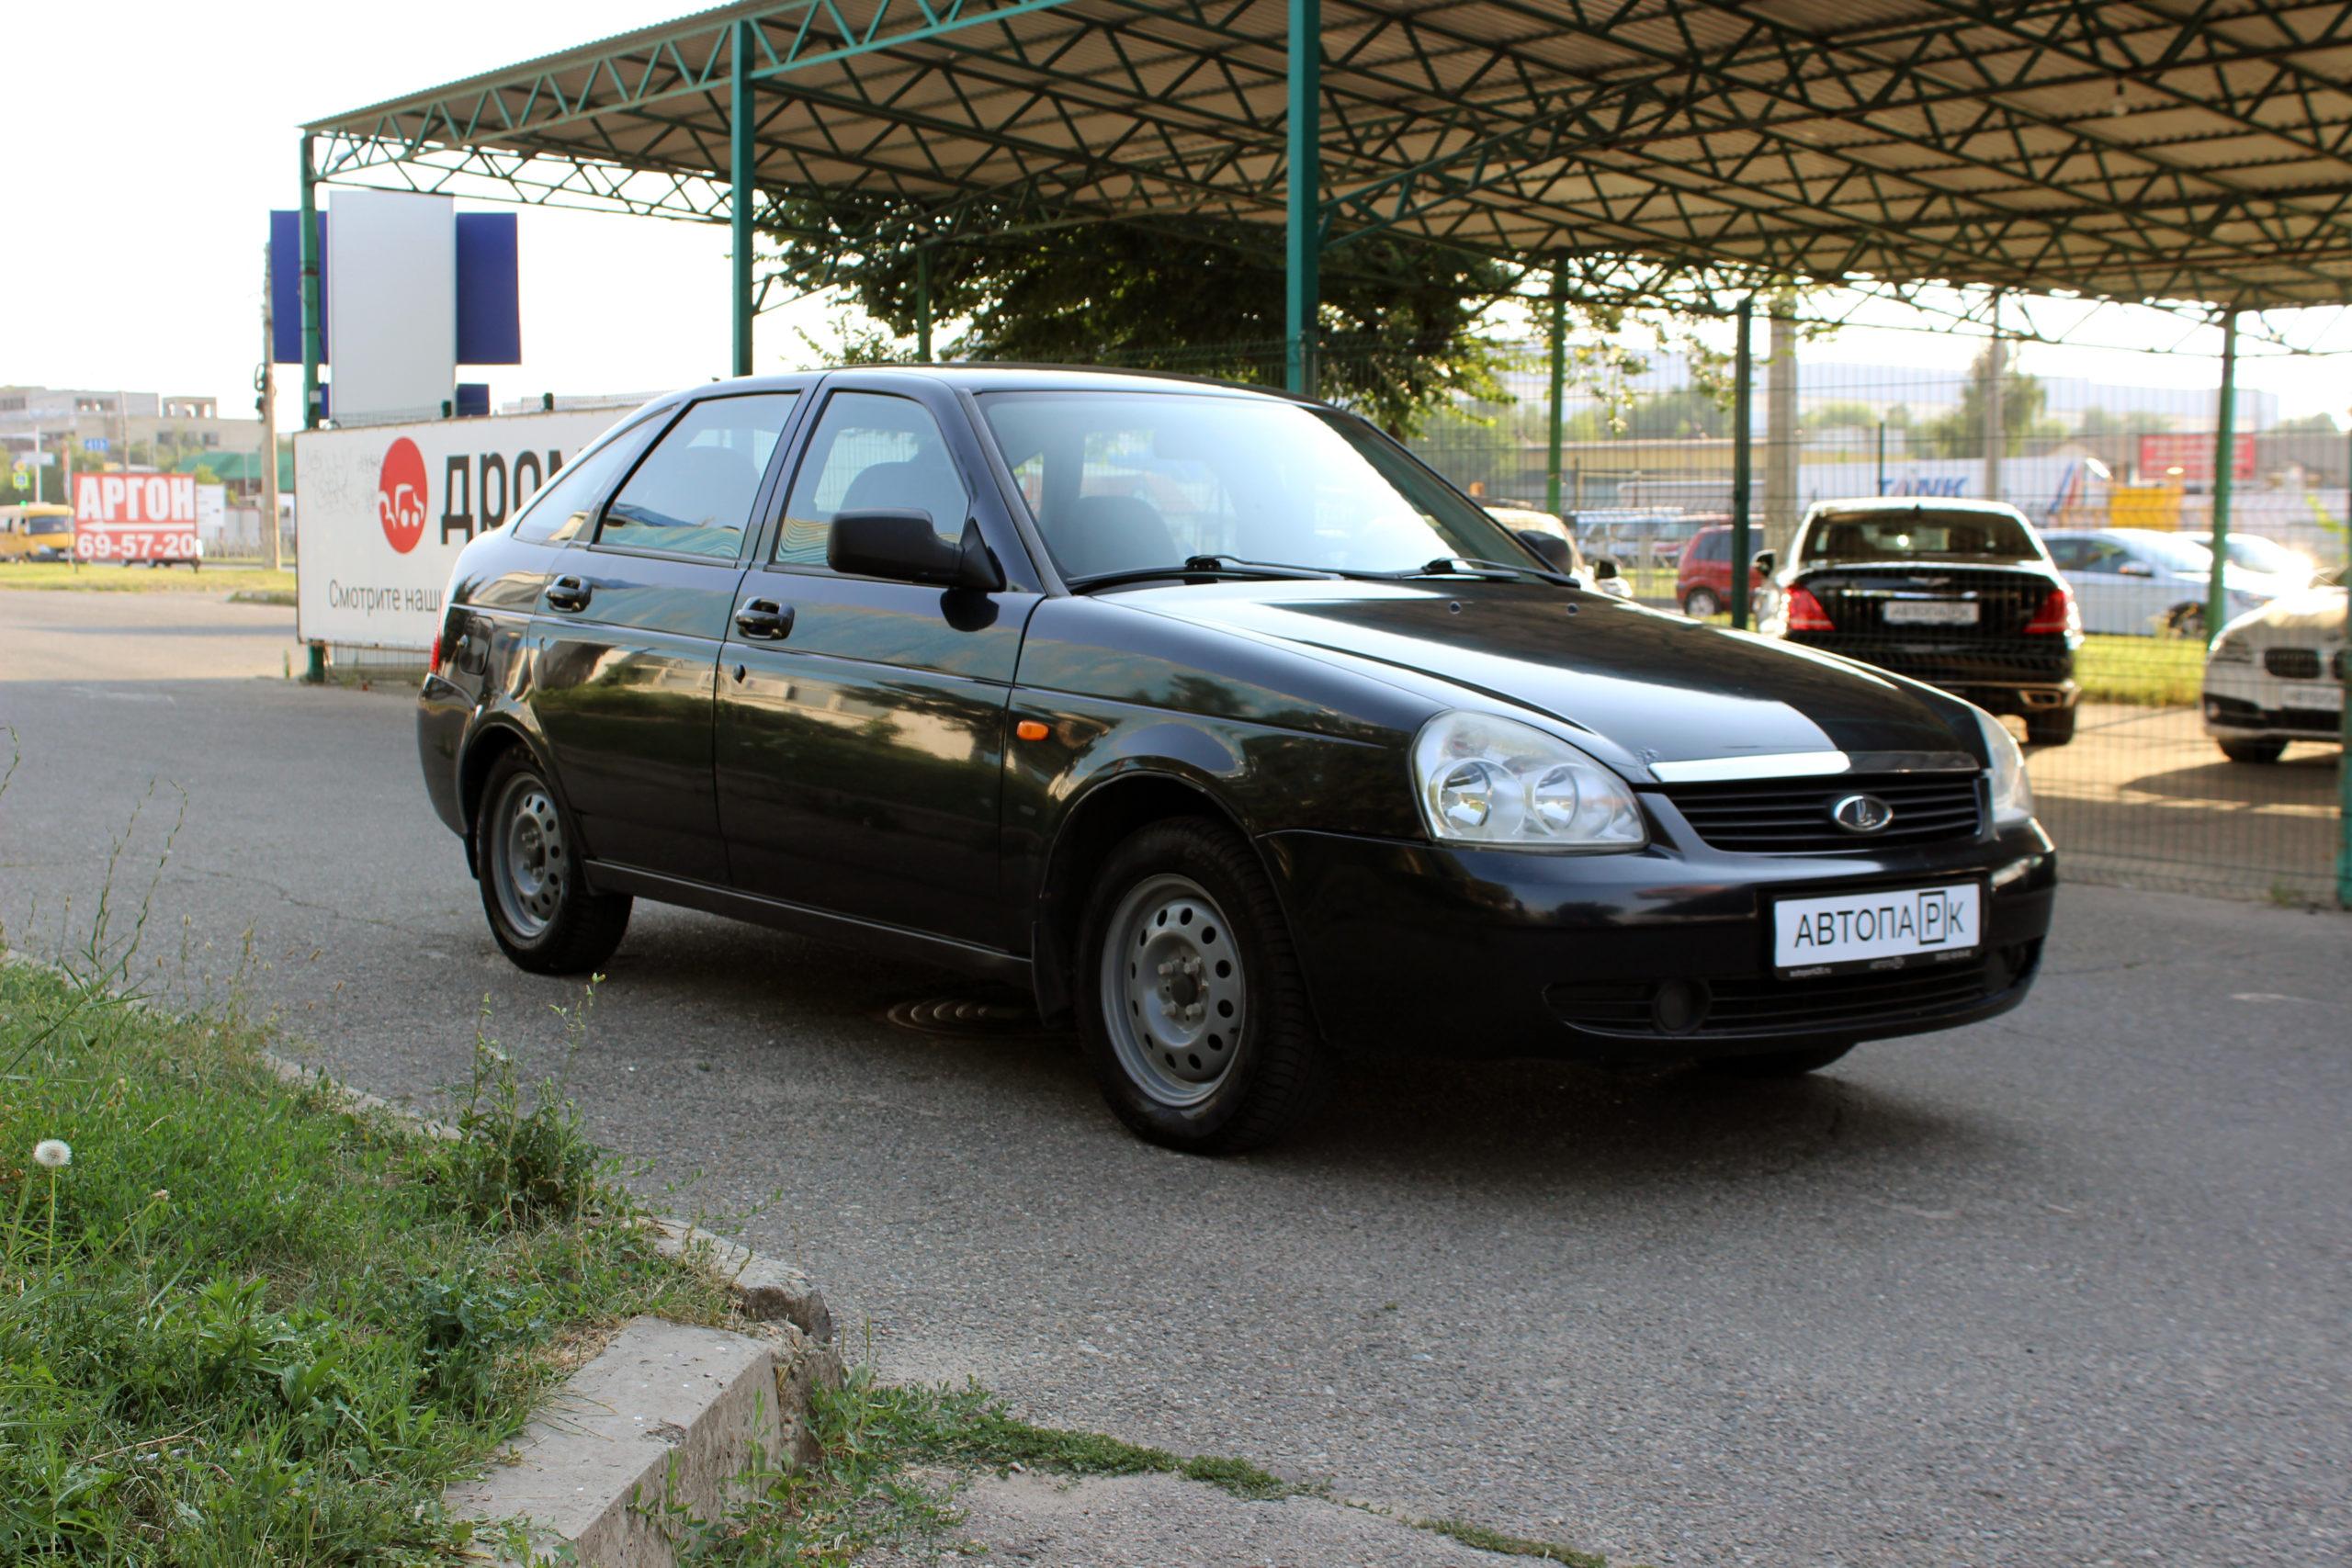 Купить LADA Priora (Графитовый металлик) - Автопарк Ставрополь